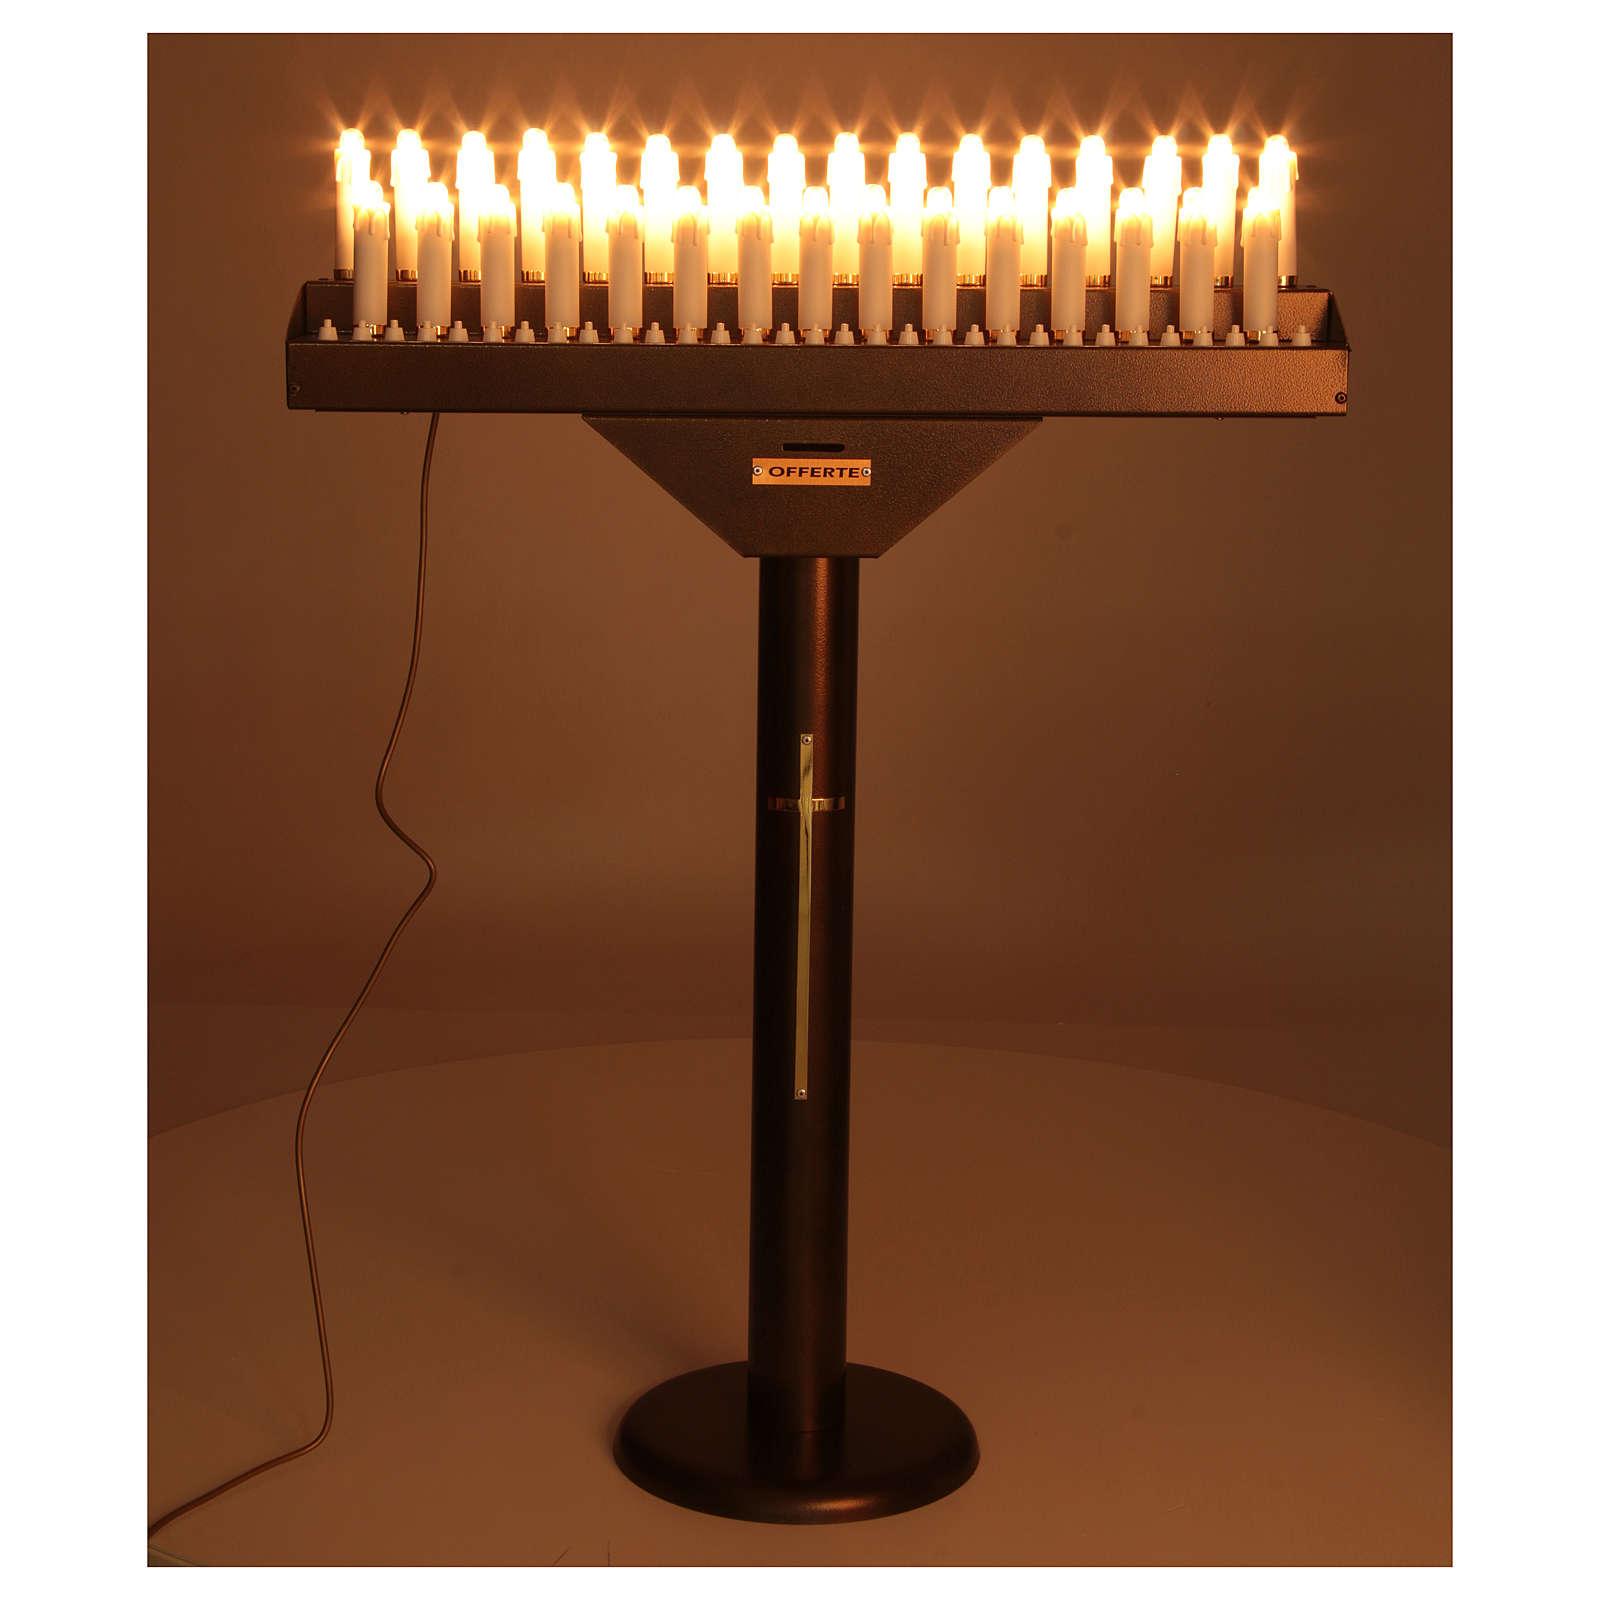 Lampadario electrónico 31 velas 24 v corriente costante botones lámparas 4